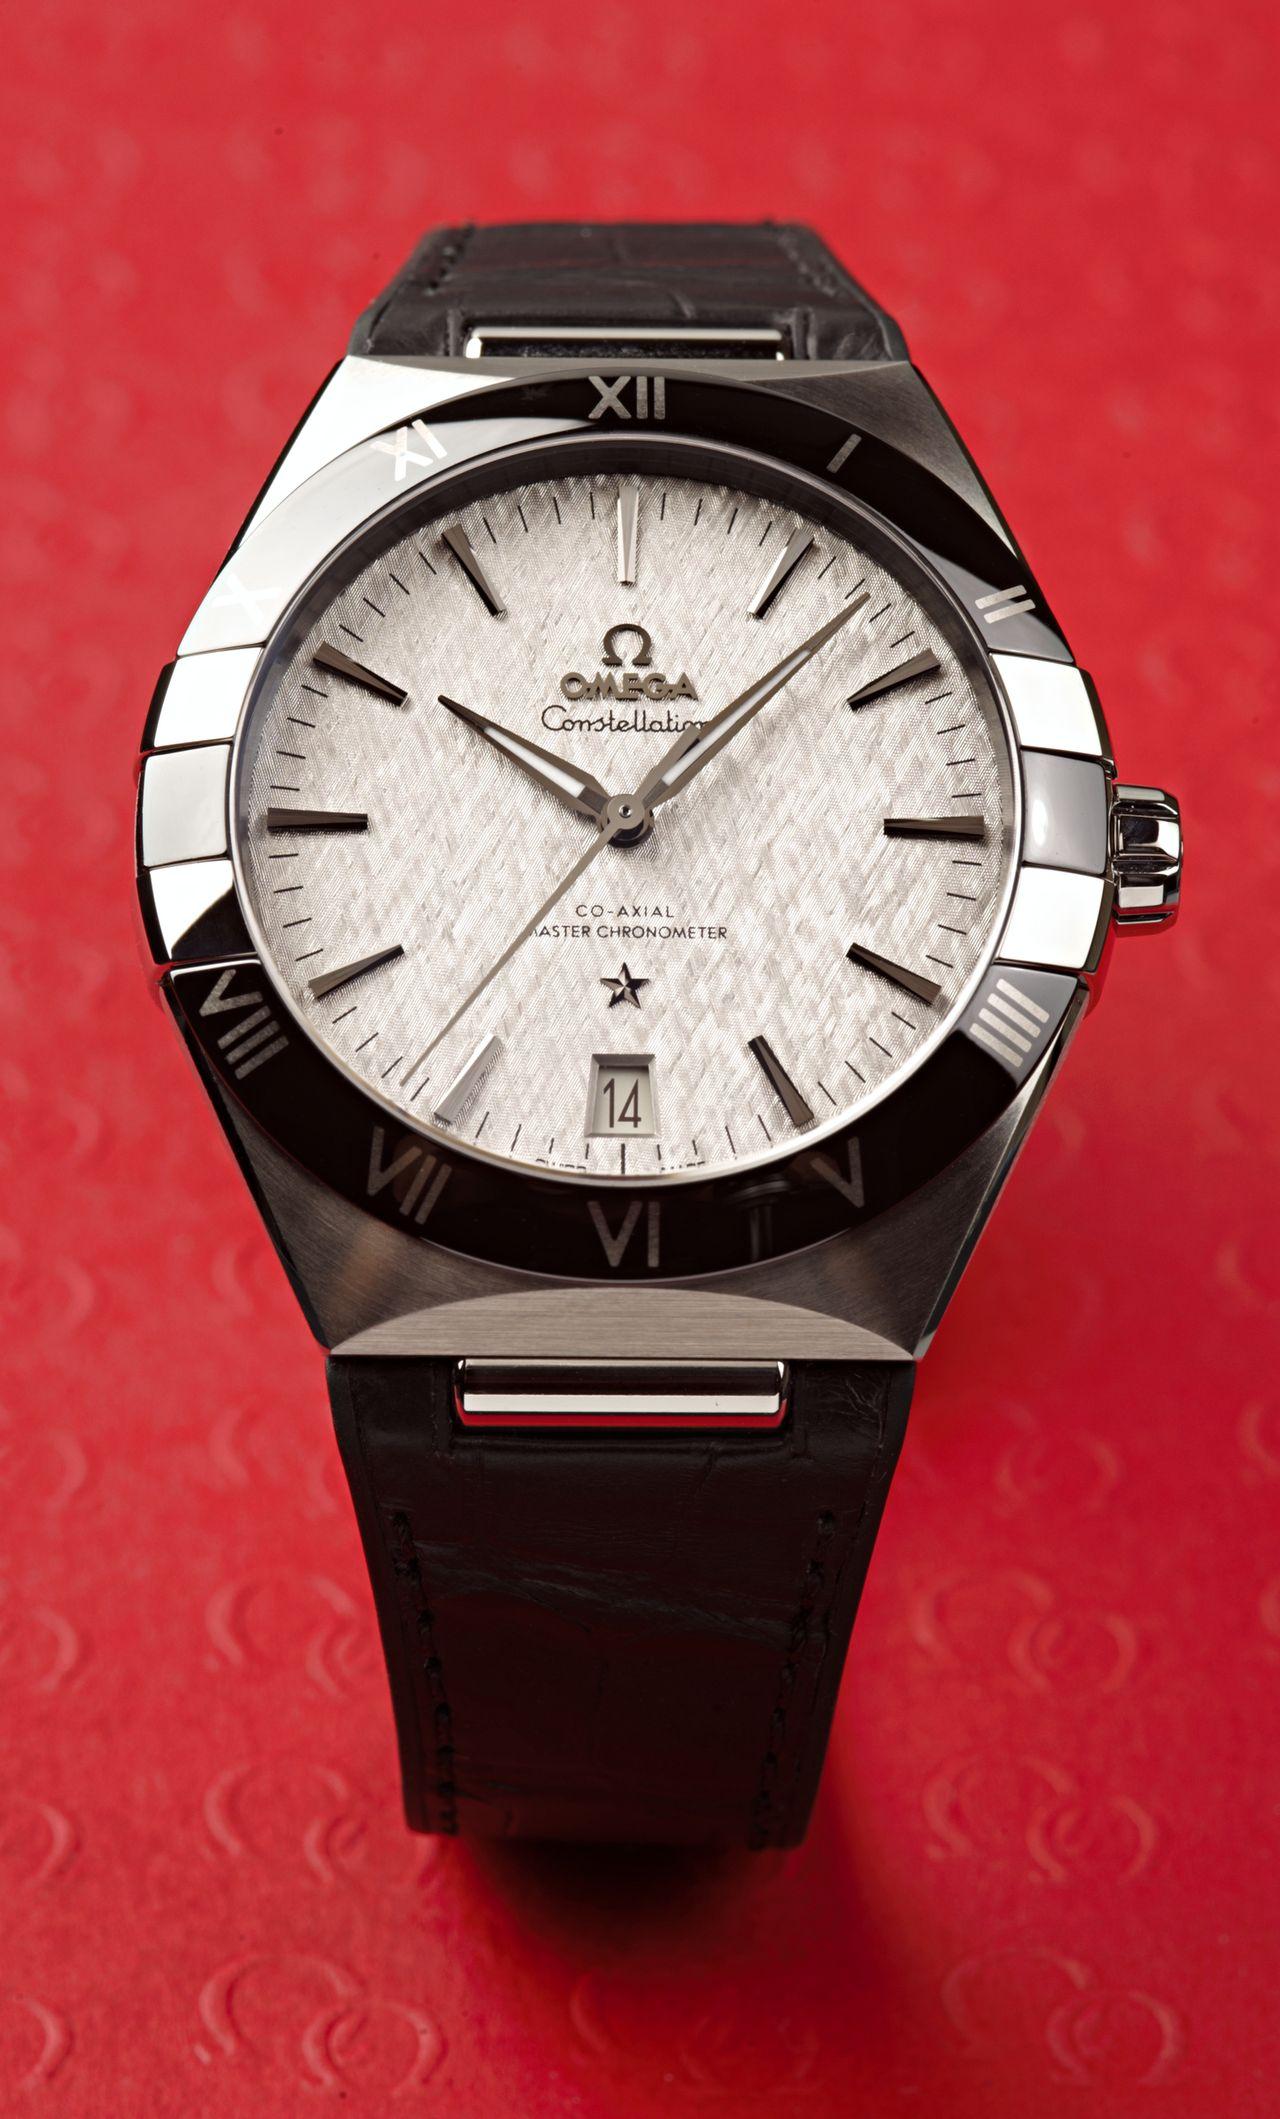 Omega Constellation Co-Axial Master Chronometer 41 mm - a kerámia lünettával és a szíjjal teljesen más lett a karaktere / Fotó: Venicz Áron